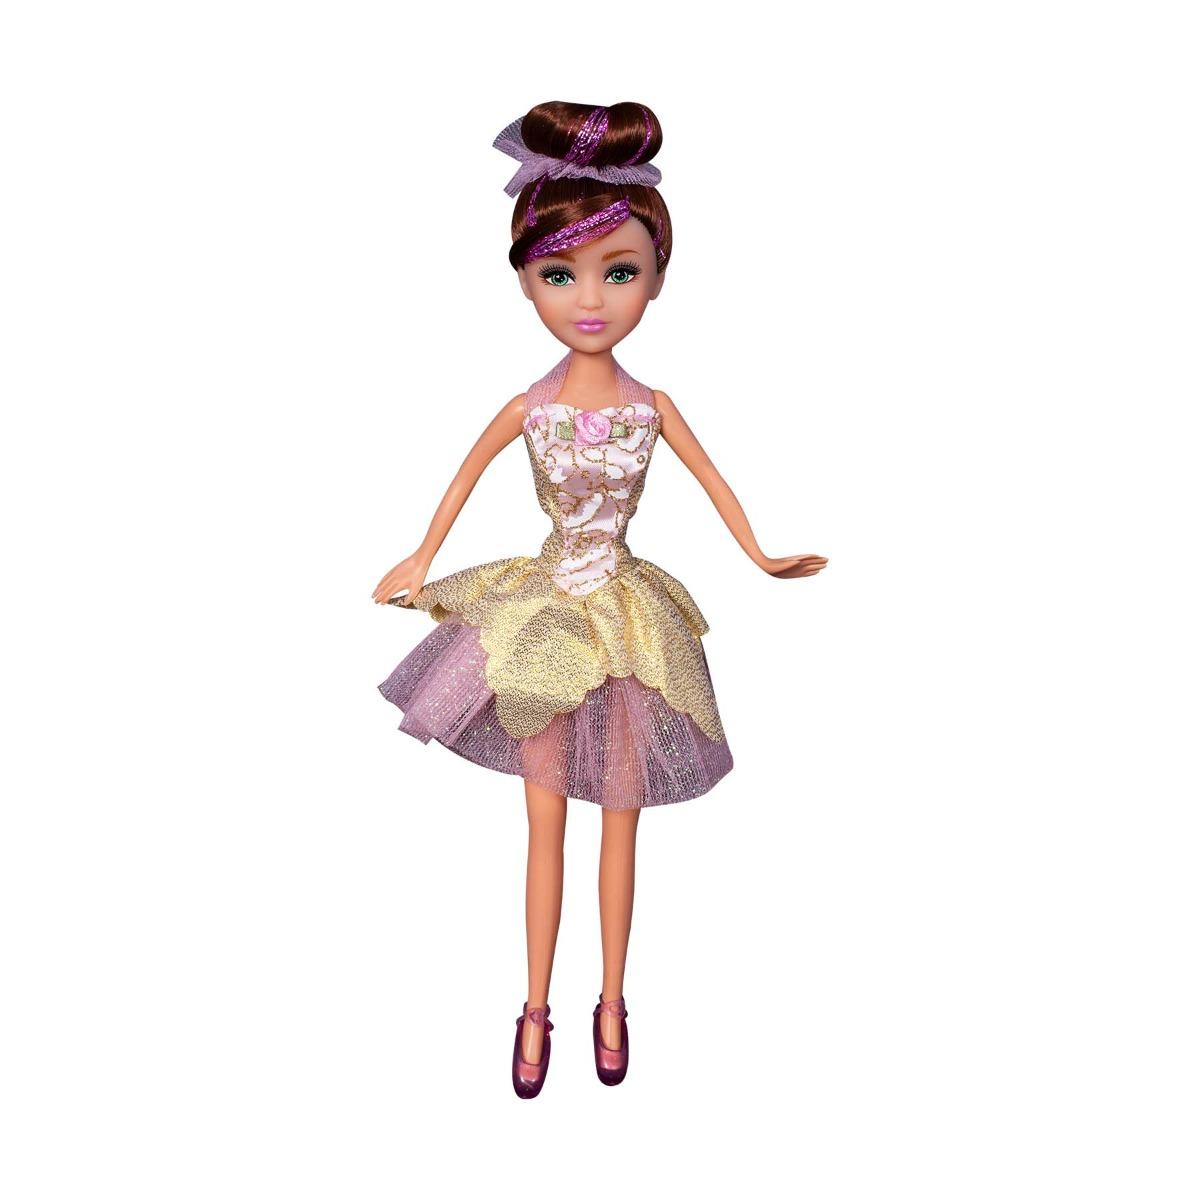 Papusa Colectia Lilia - Balerina cu rochita roz